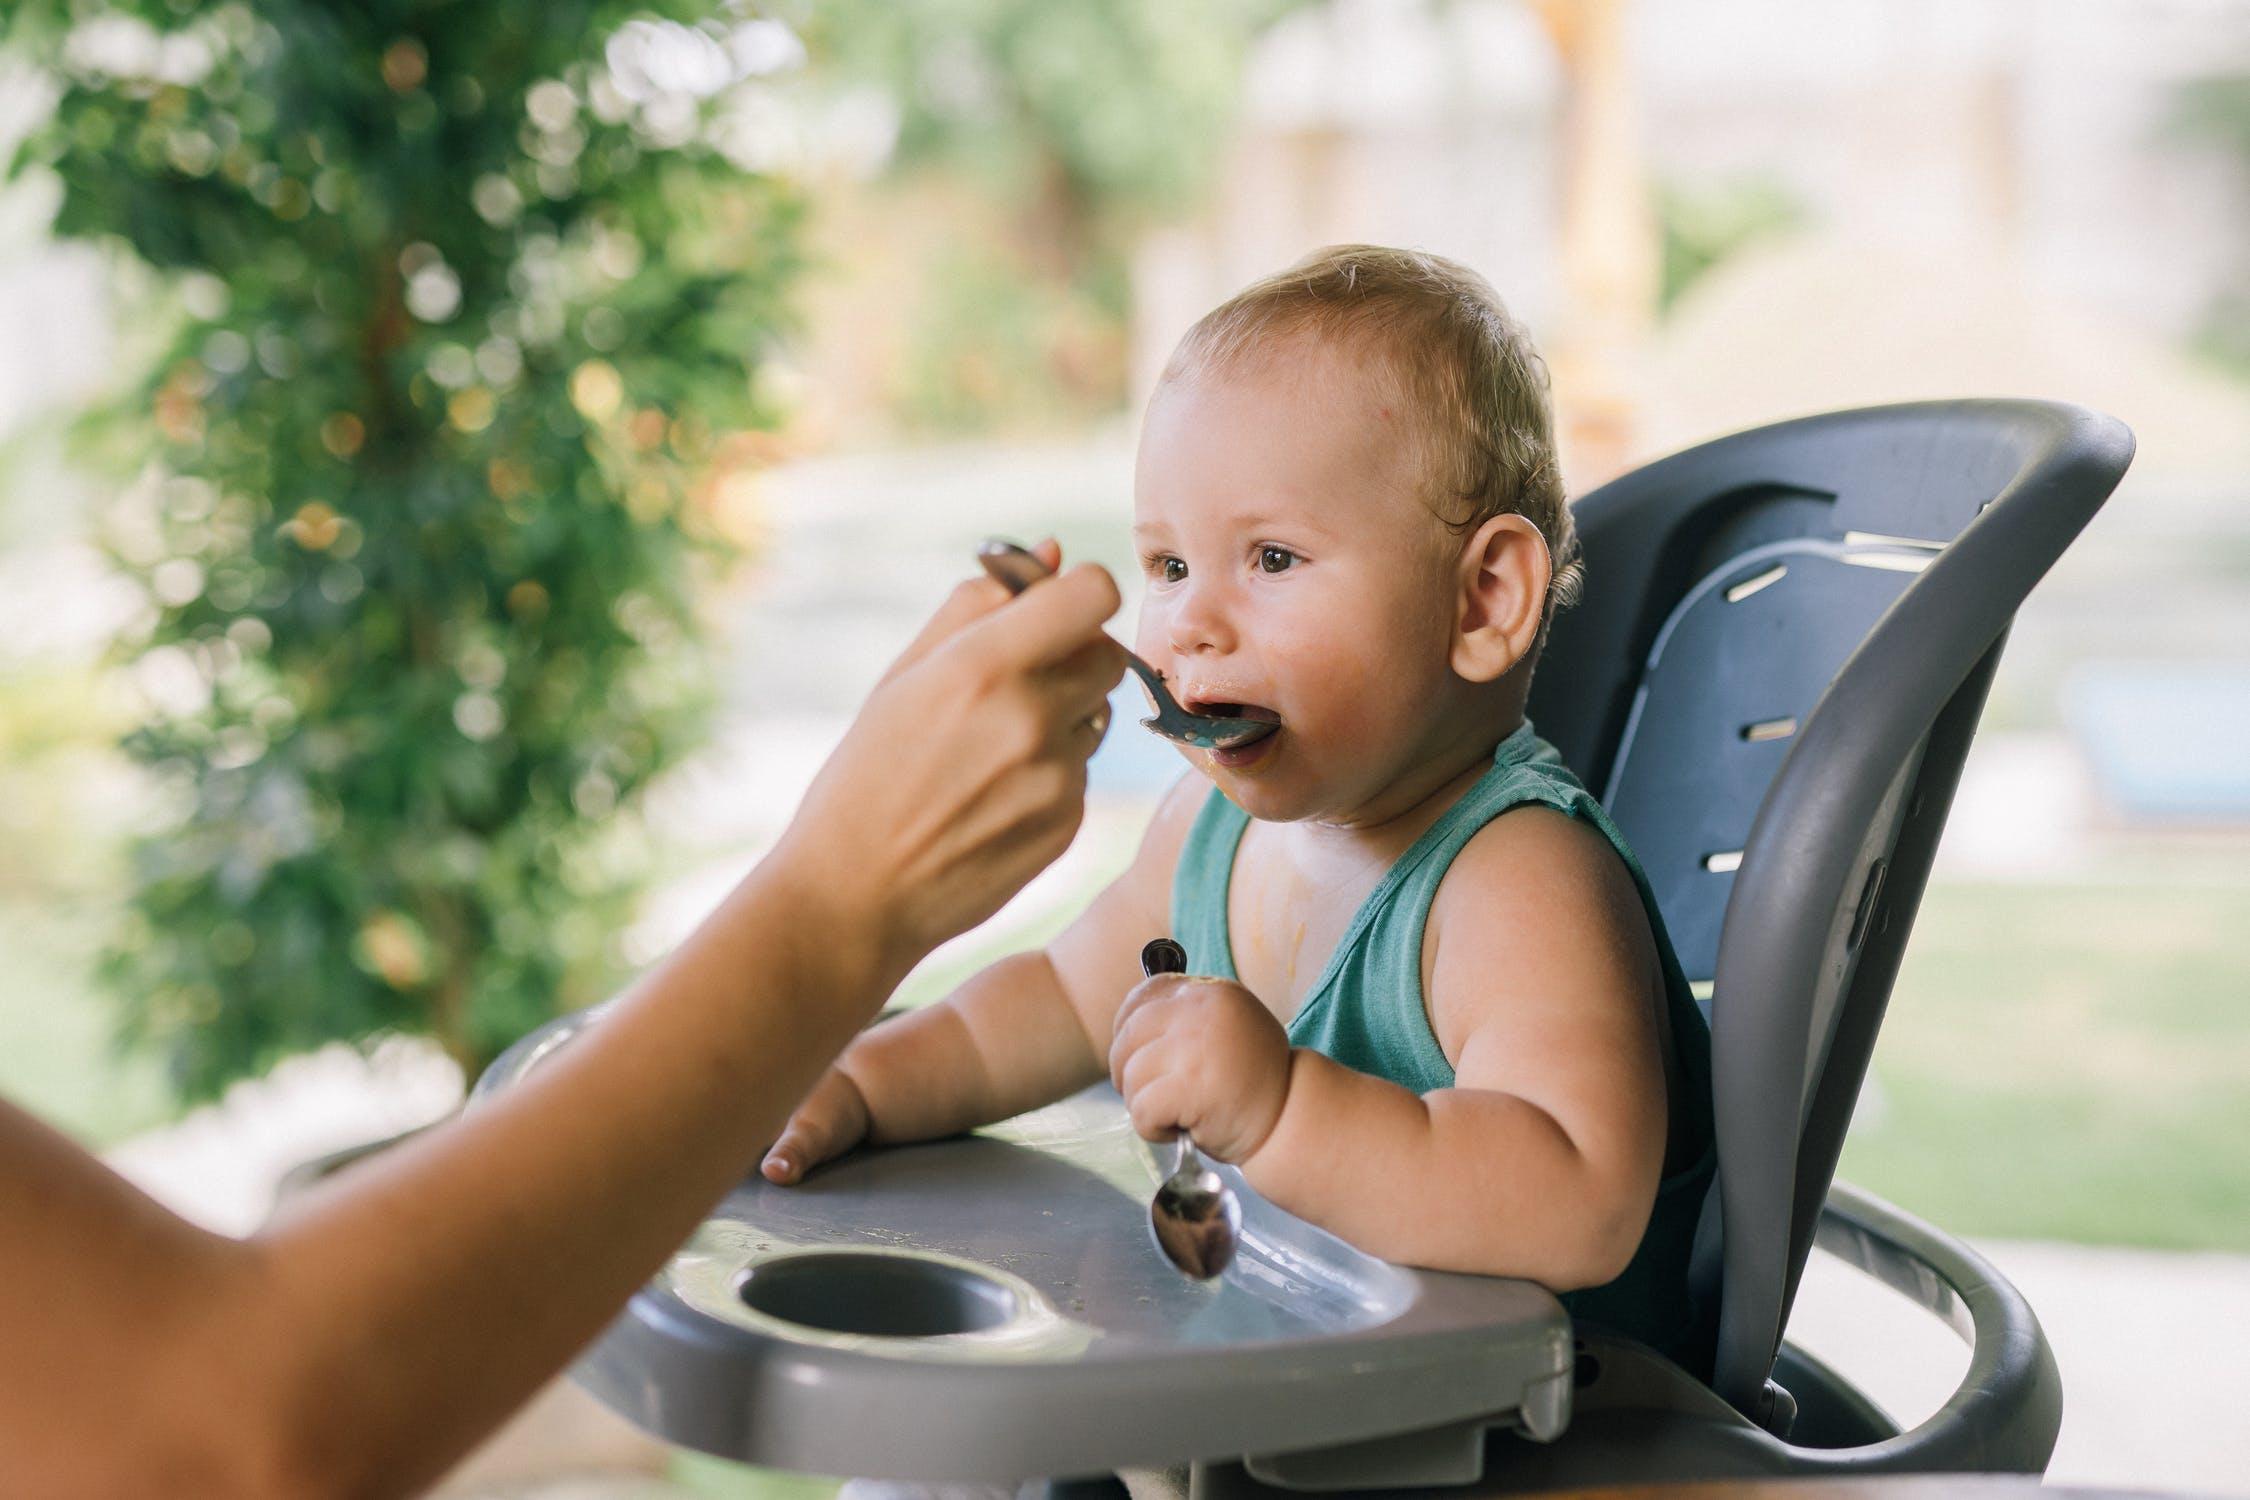 Bebeklerde Ek Gıda İçin Hangi Zeytinyağı Tercih Edilmeli?